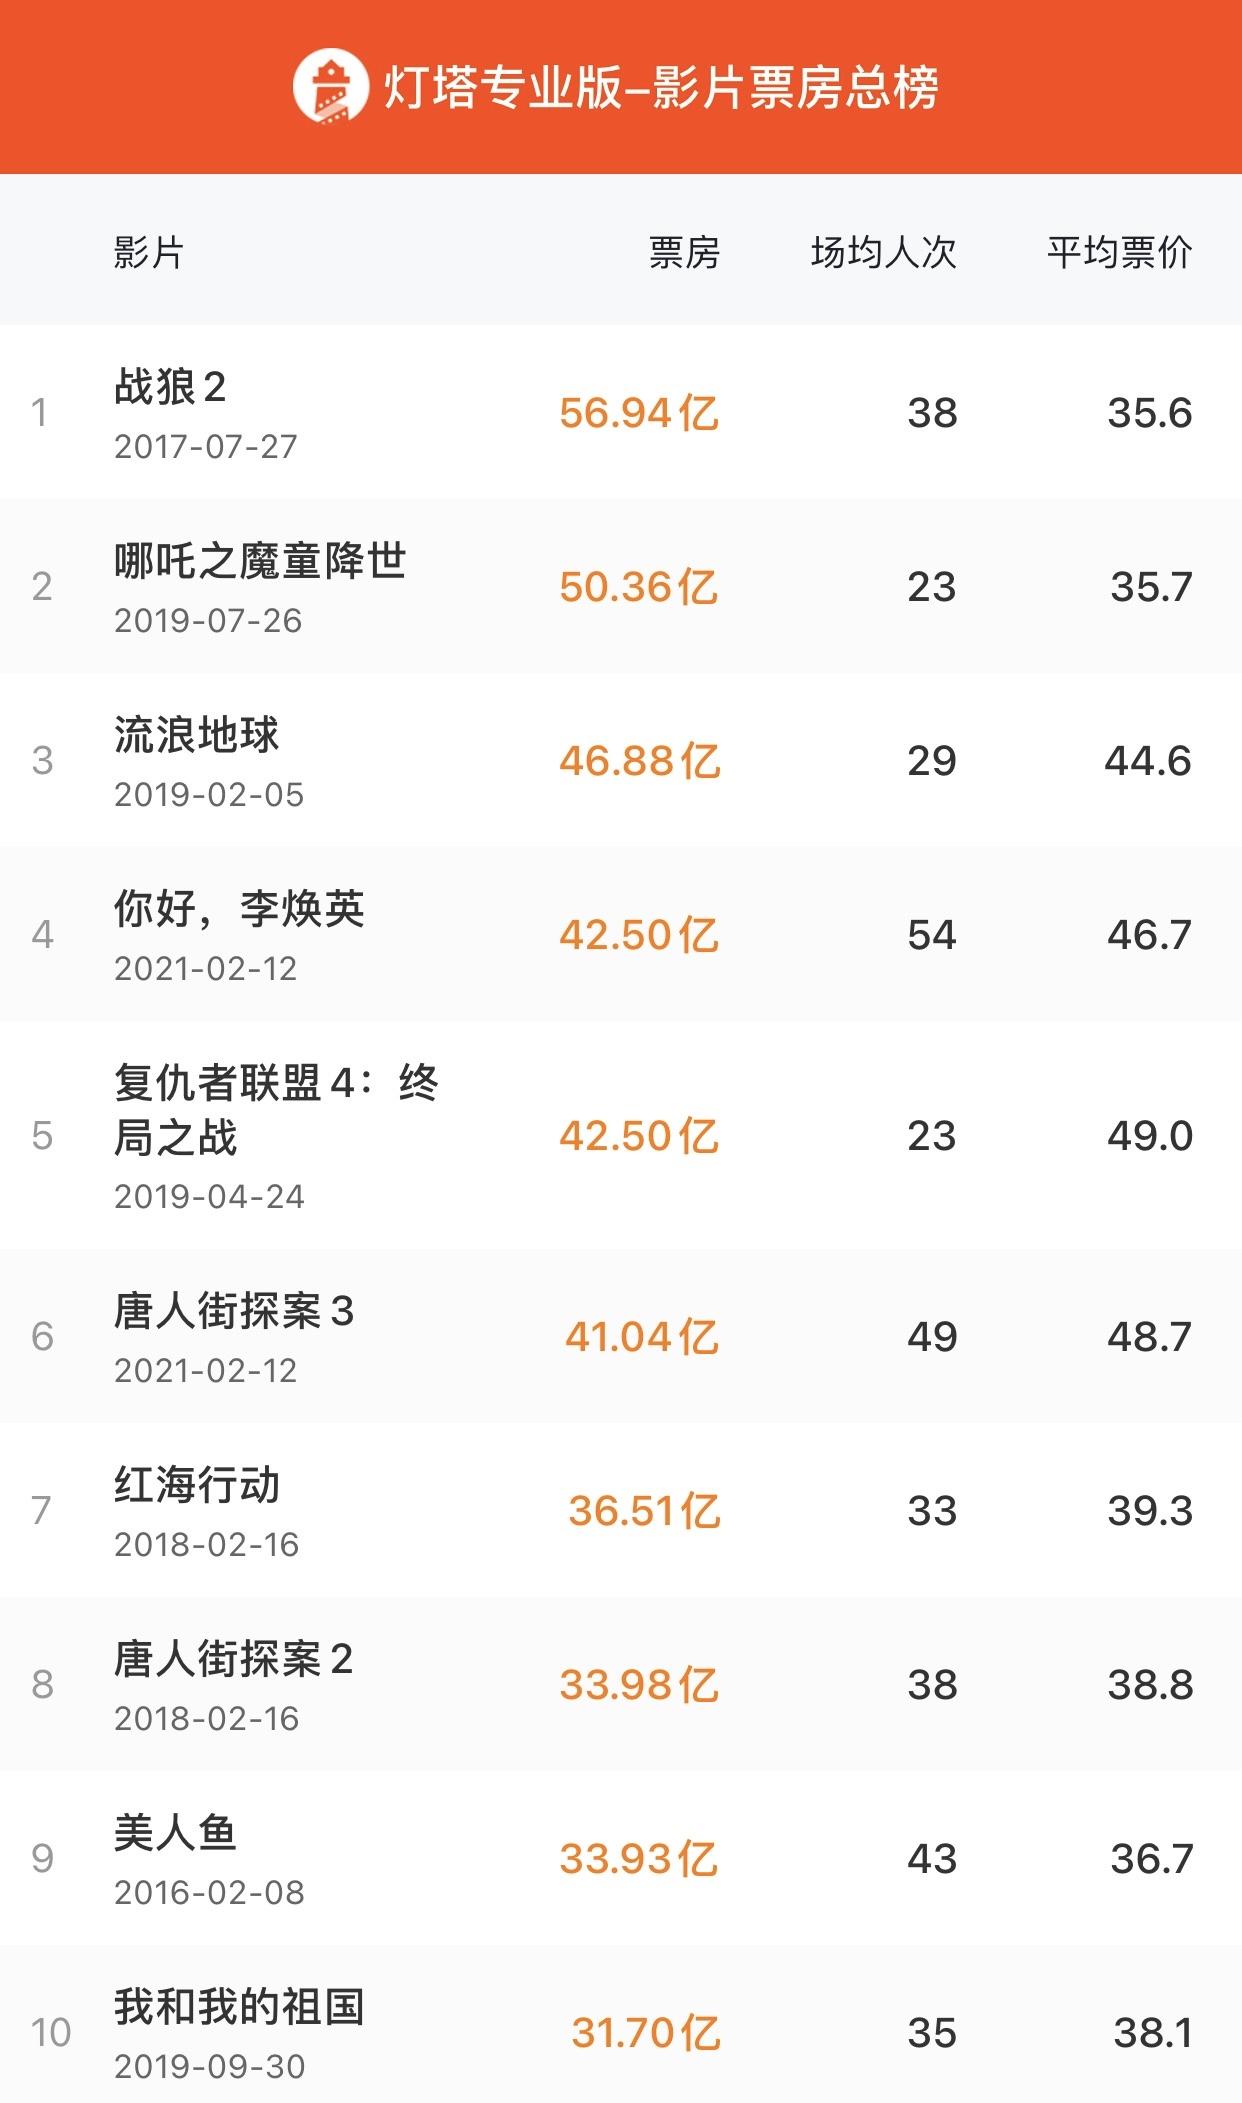 《你好,李焕英》总票房达42.5亿元,超过《复仇者联盟4》内地总票房,成影史第四